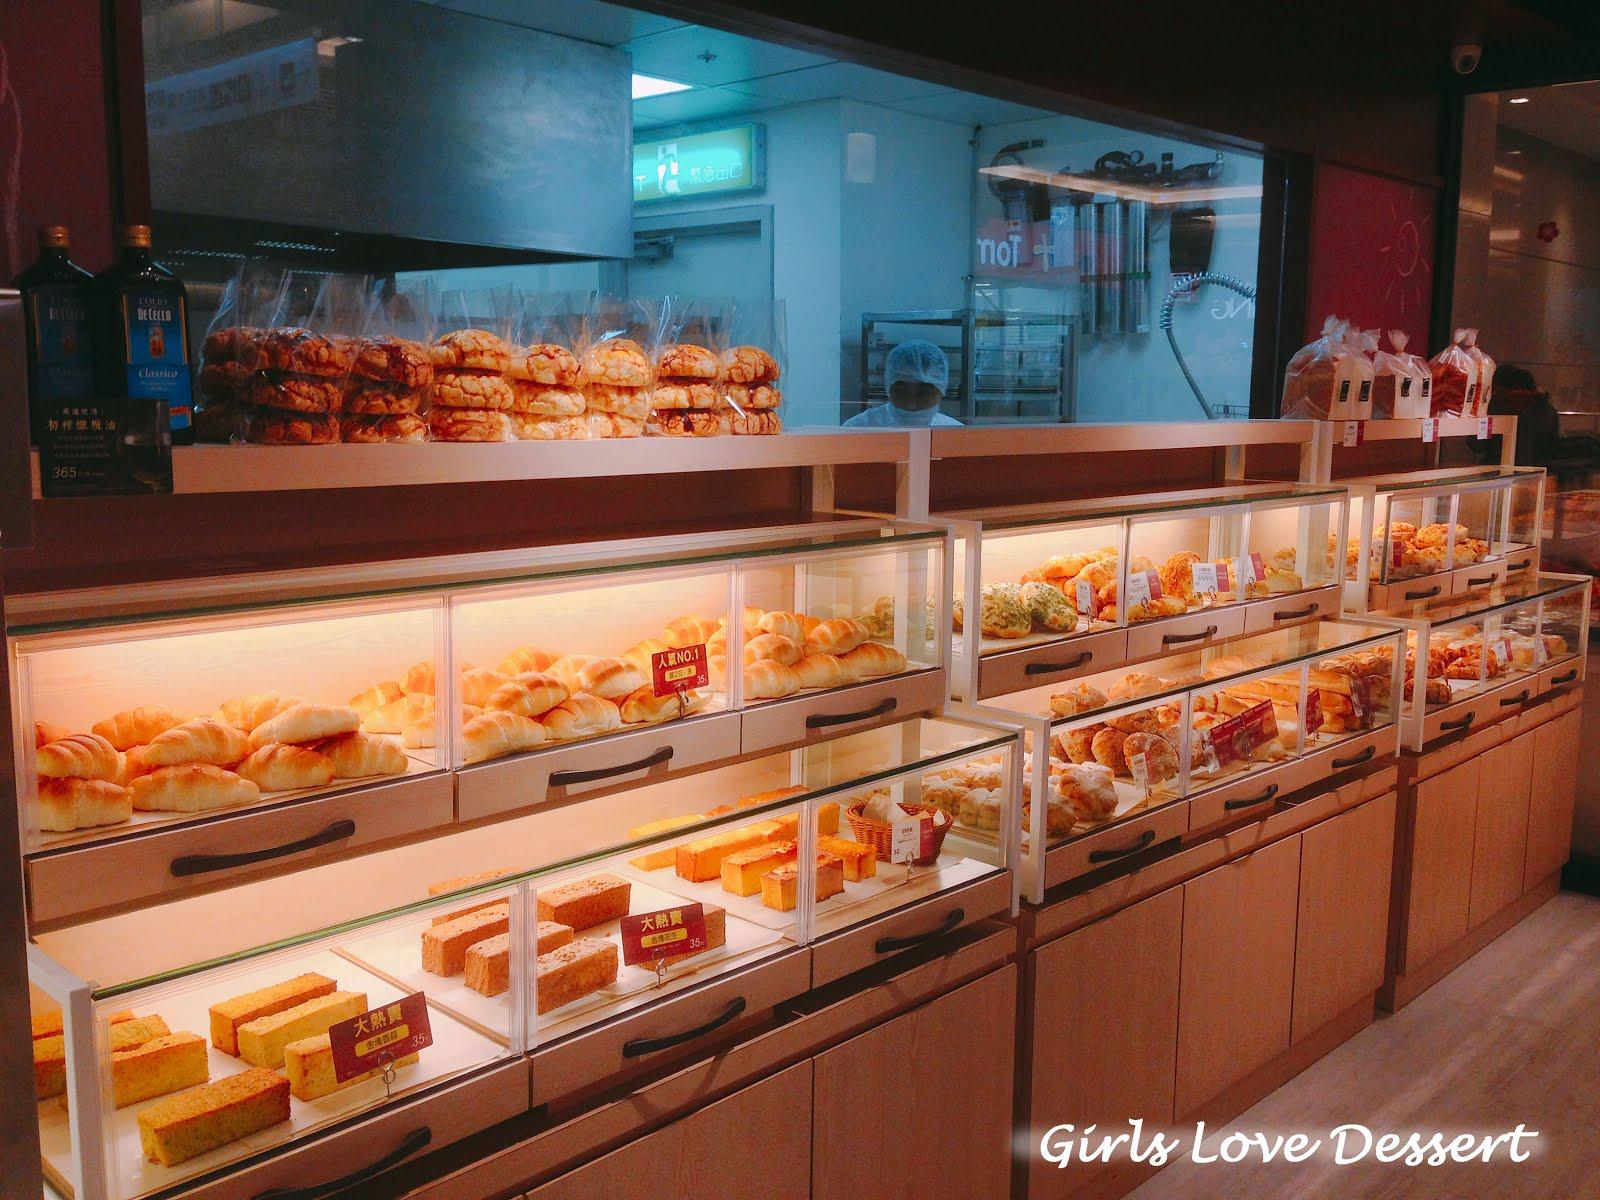 女生愛甜點 Girls Love Dessert: 【臺北南港】聖娜 Semeur|巧克力蒸蛋糕,健康美味的小清新